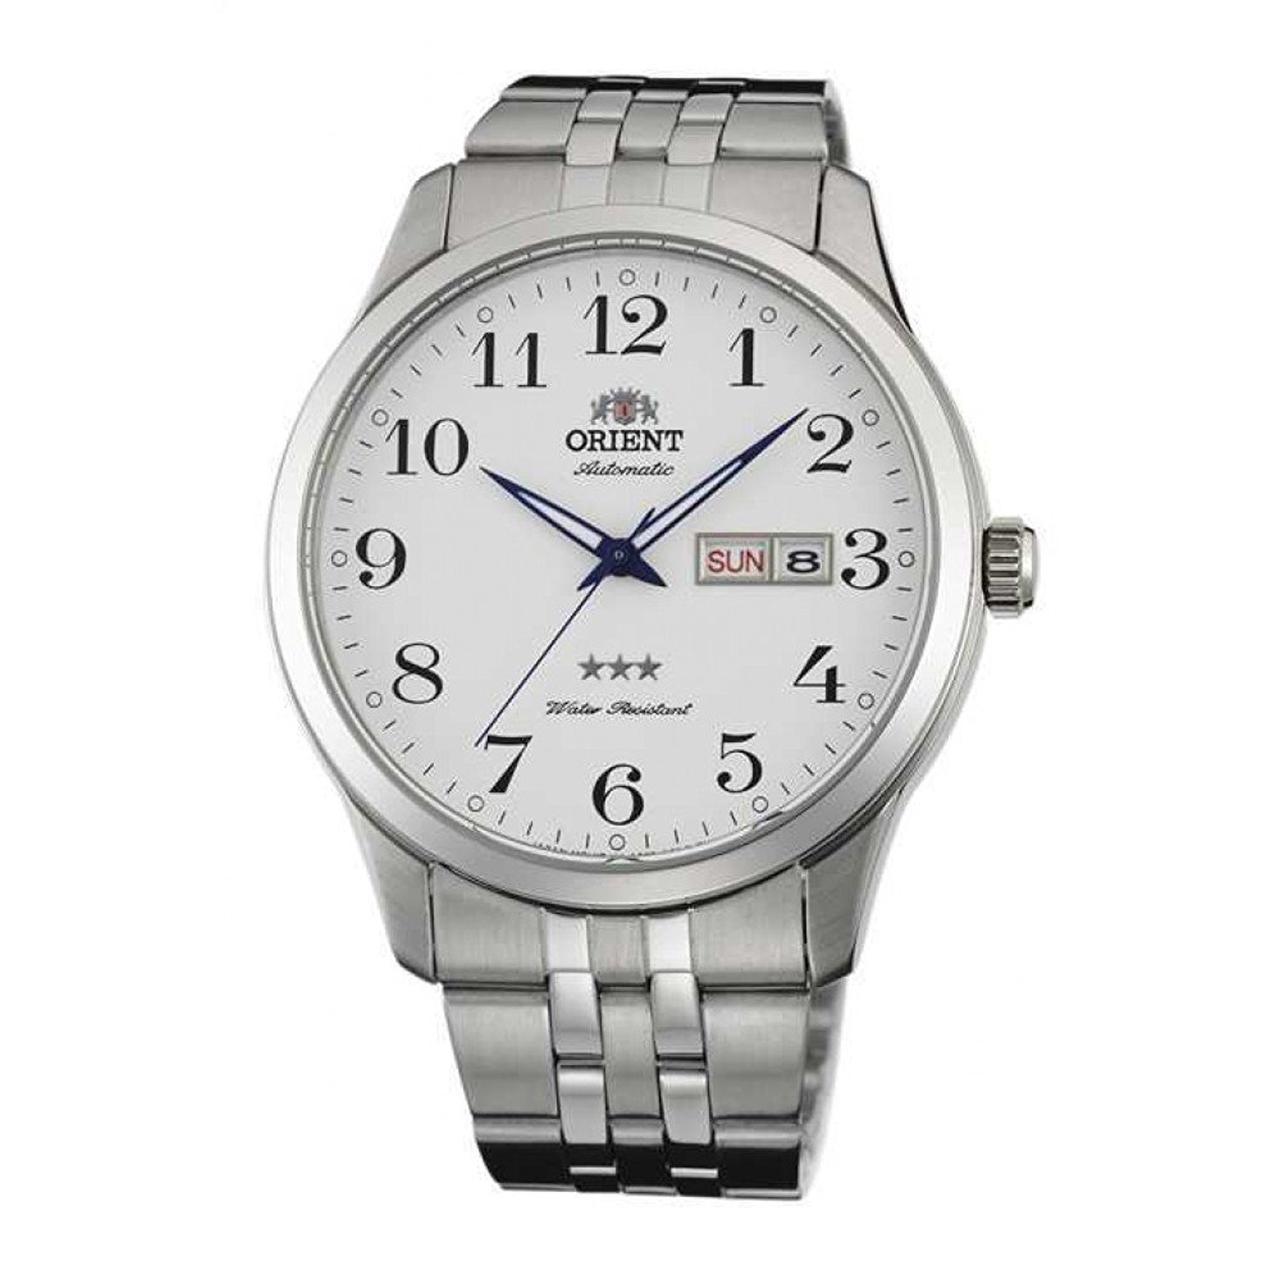 c9547d45 Мужские часы Orient FAB0B002W9 - купить по лучшей цене в Харькове от ...